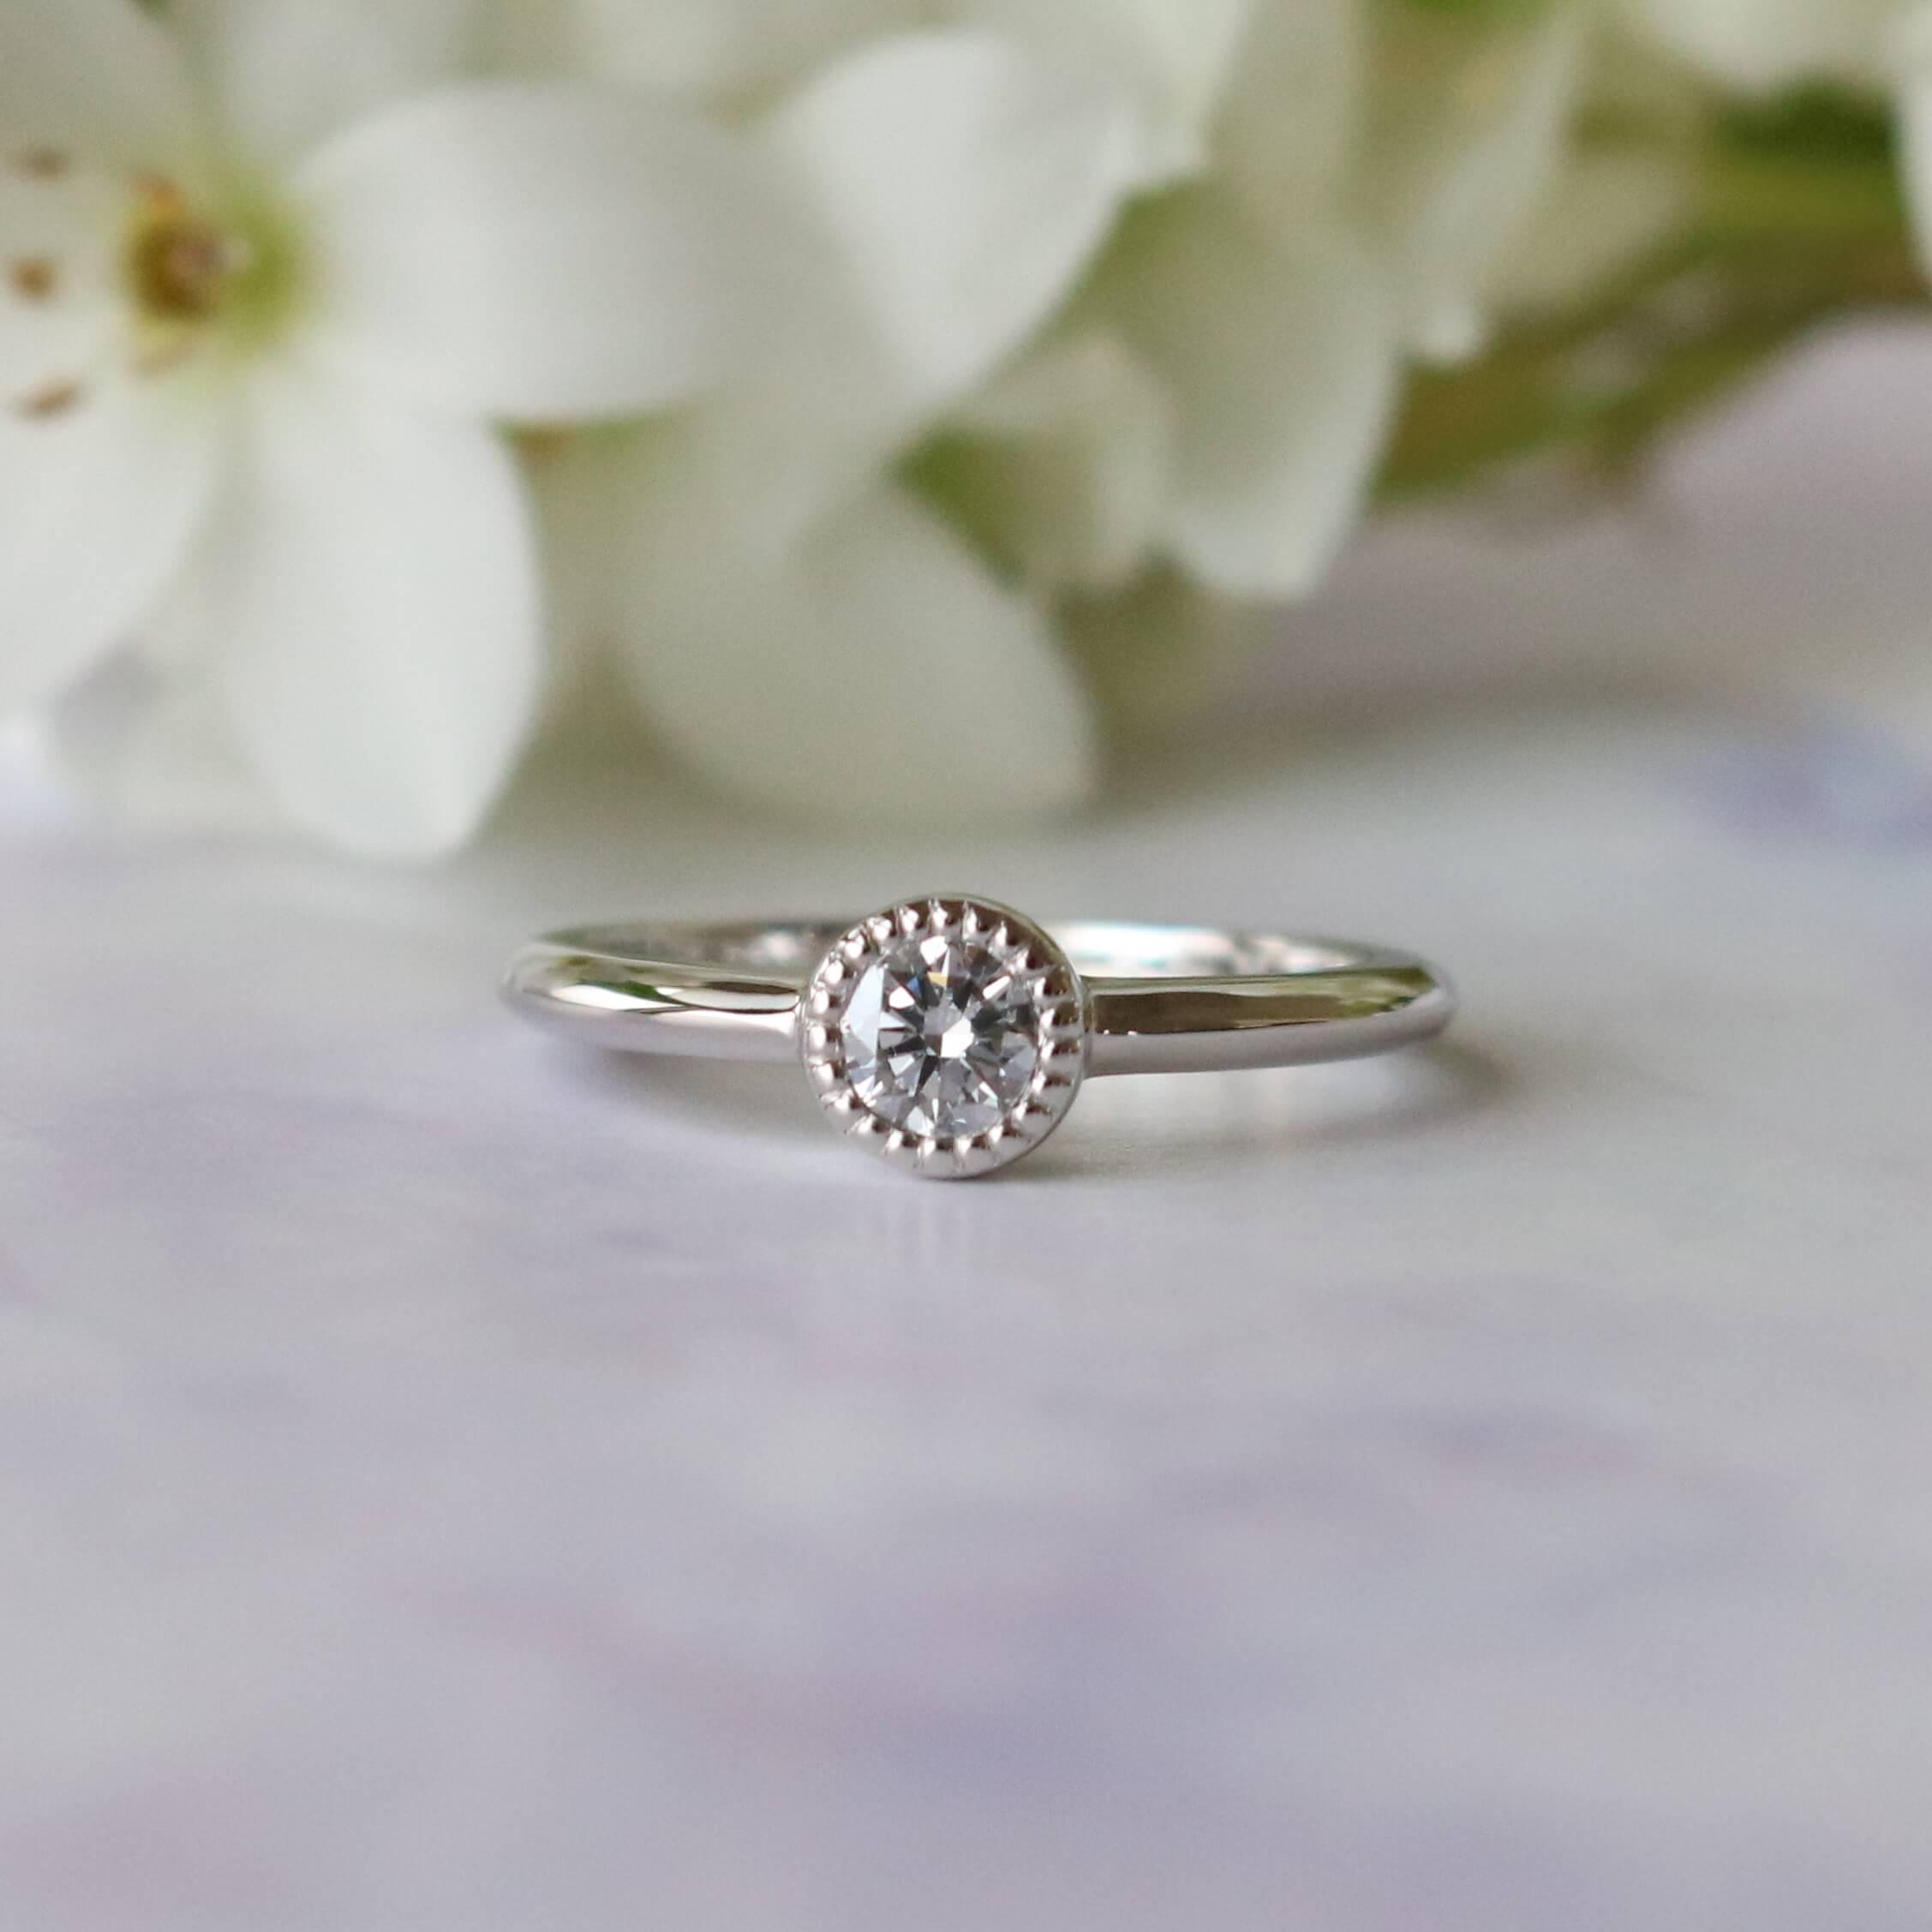 アンティーク調の婚約指輪